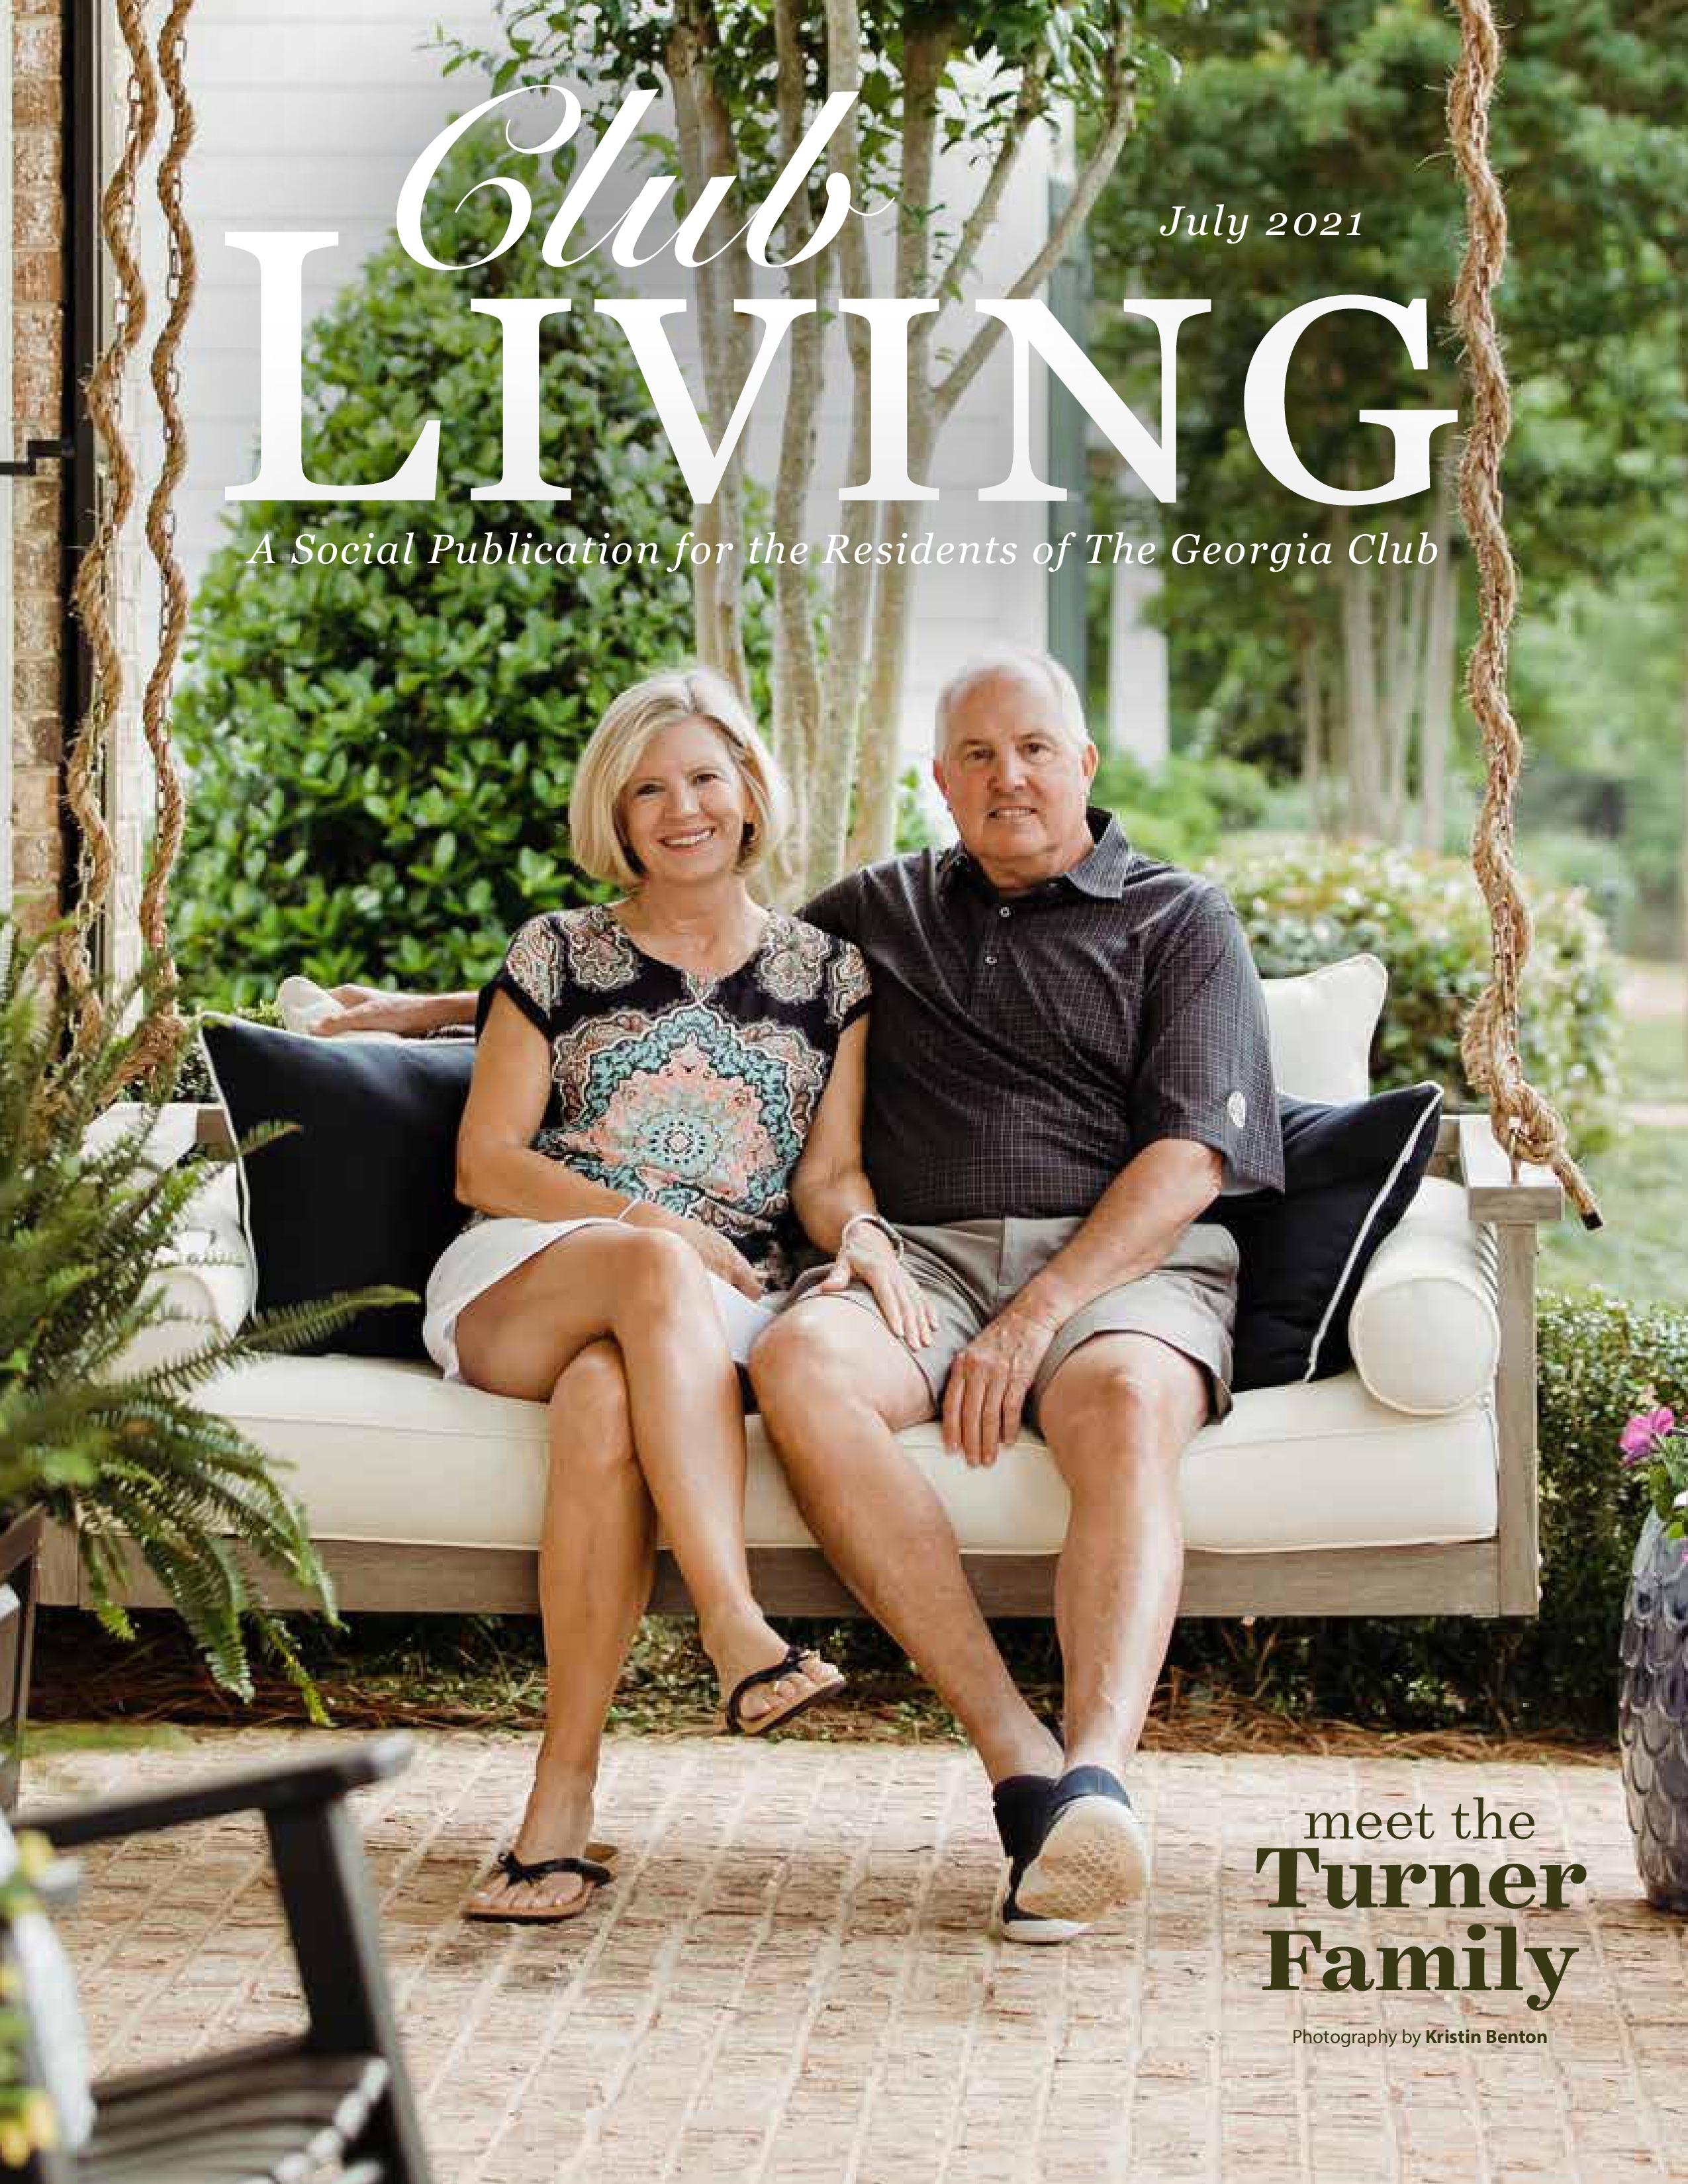 Club Living 2021-07-01